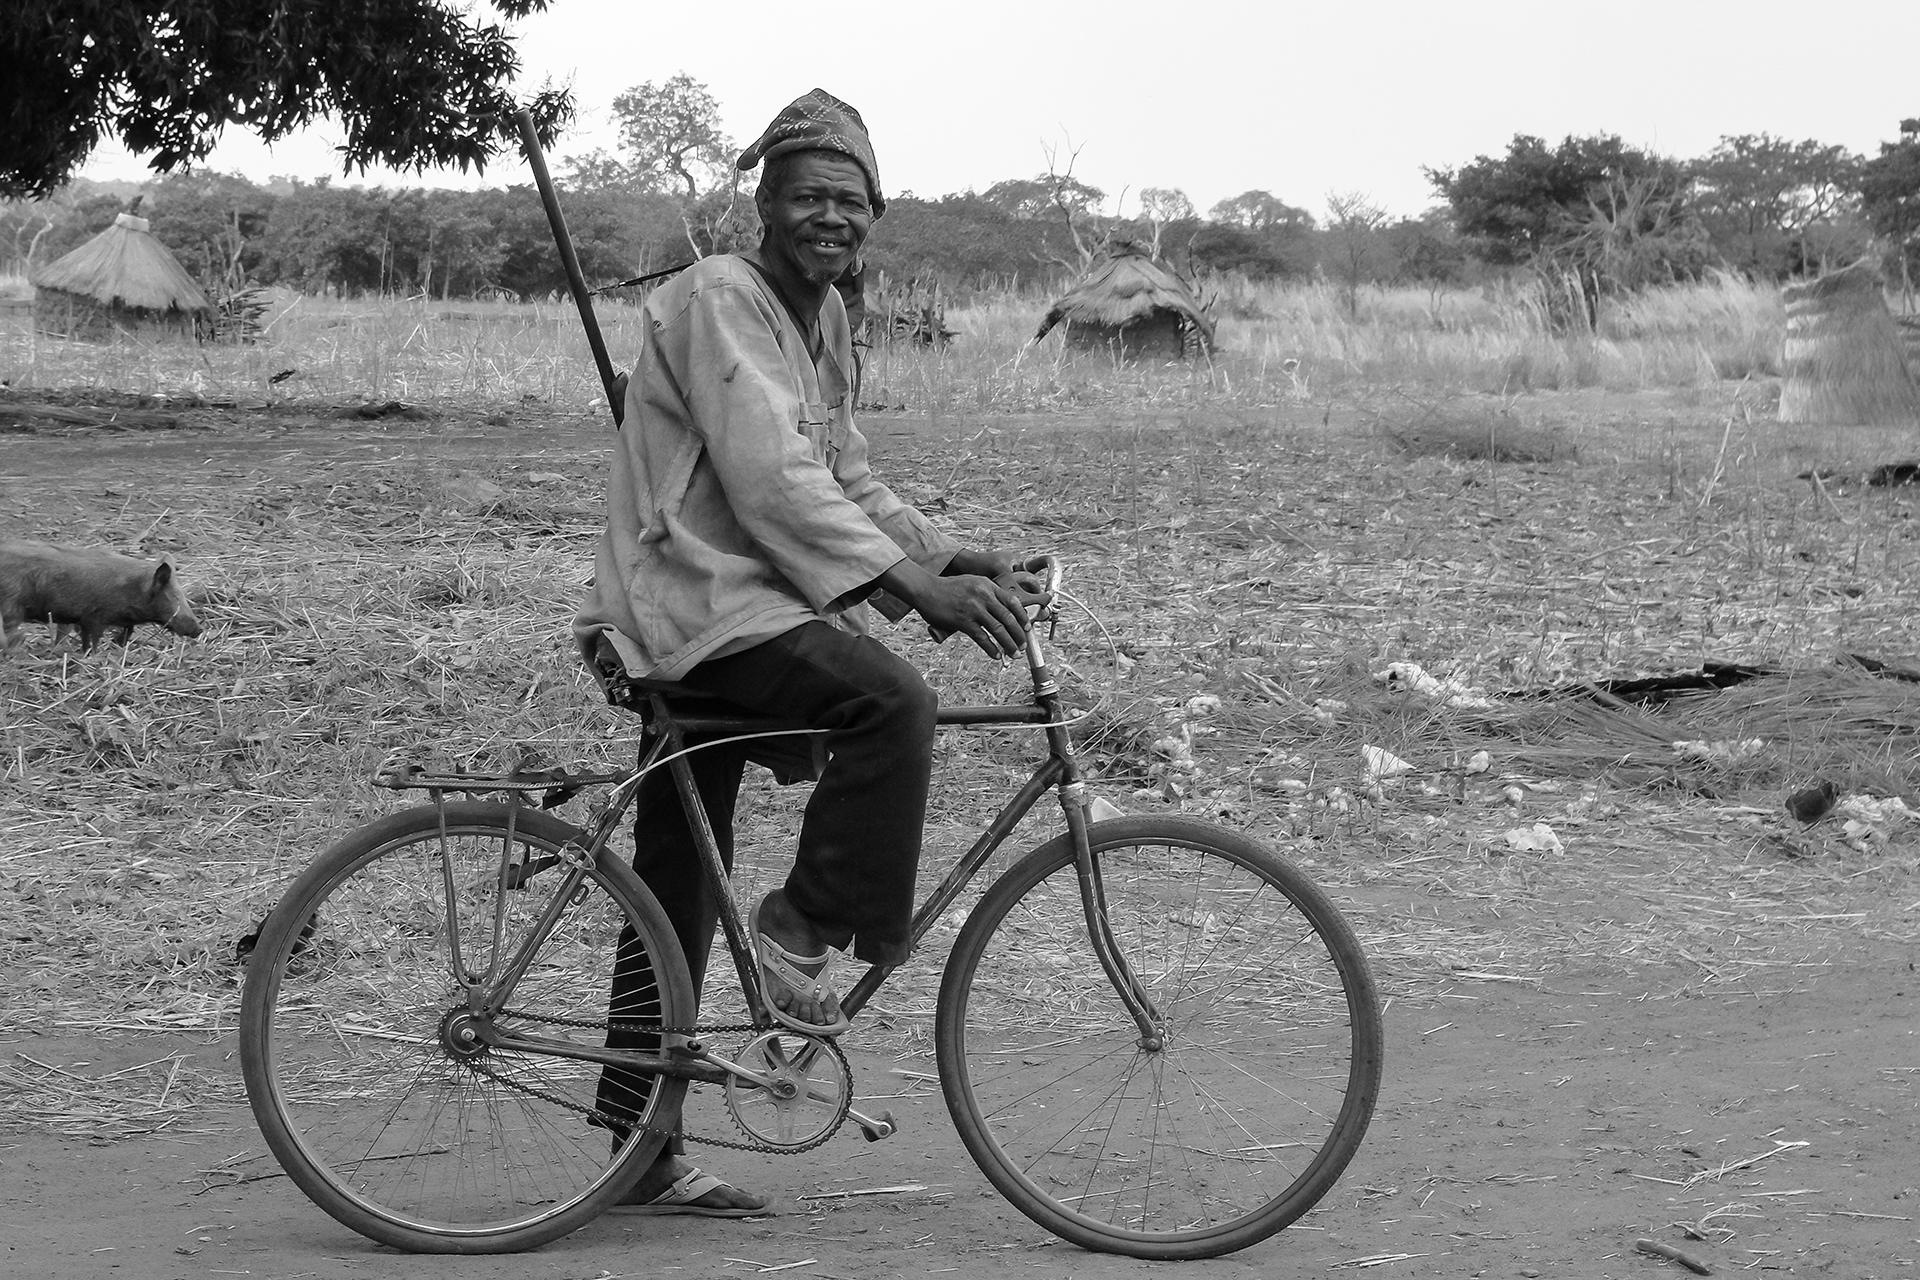 Départ pour l'aventure. 2014 OBIRE, Région de LOROPENI, Burkina Faso